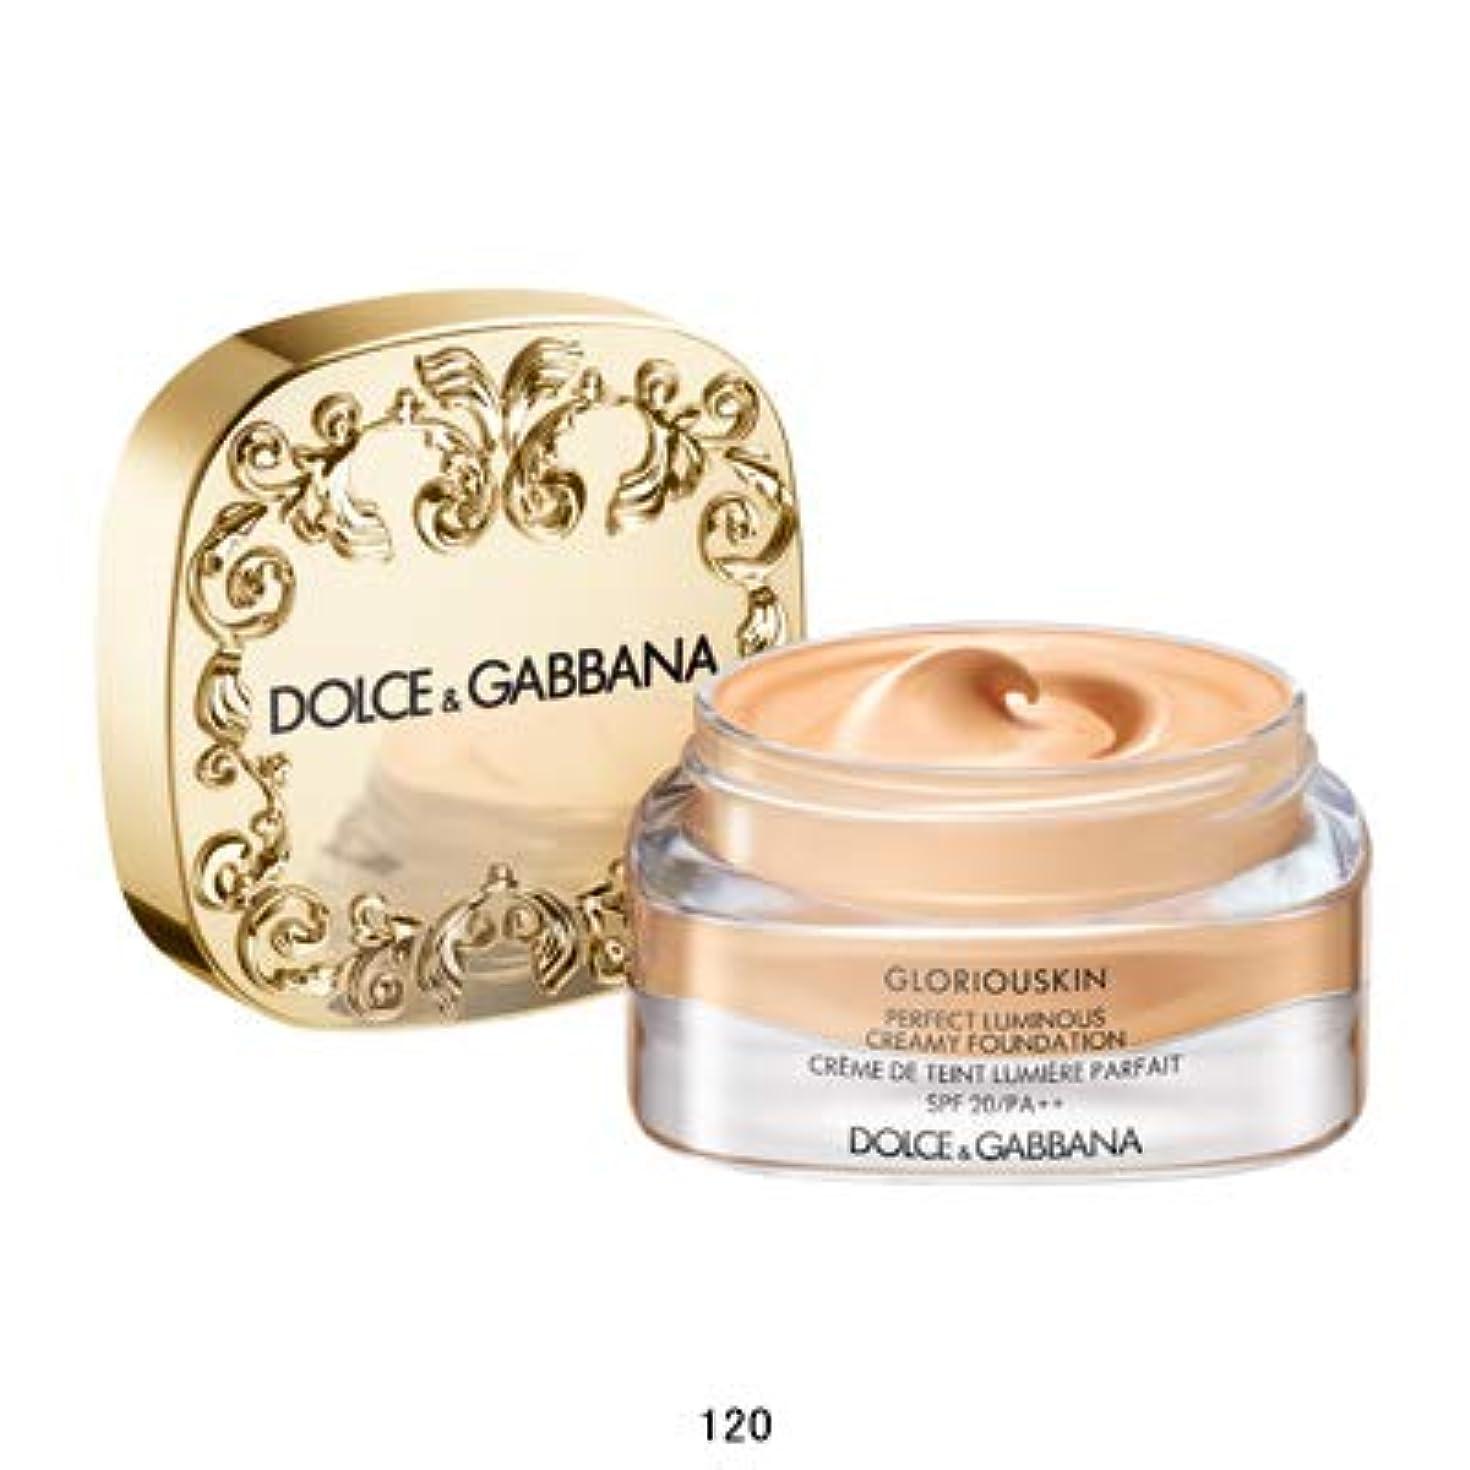 歯車愛国的な限りなく【Dolce & Gabbana(ドルチェ&ガッバーナ)】グロリアスキン パーフェクトルミナス クリーミーファンデーション_30mL/SPF20・PA++/ファンデーション (120)